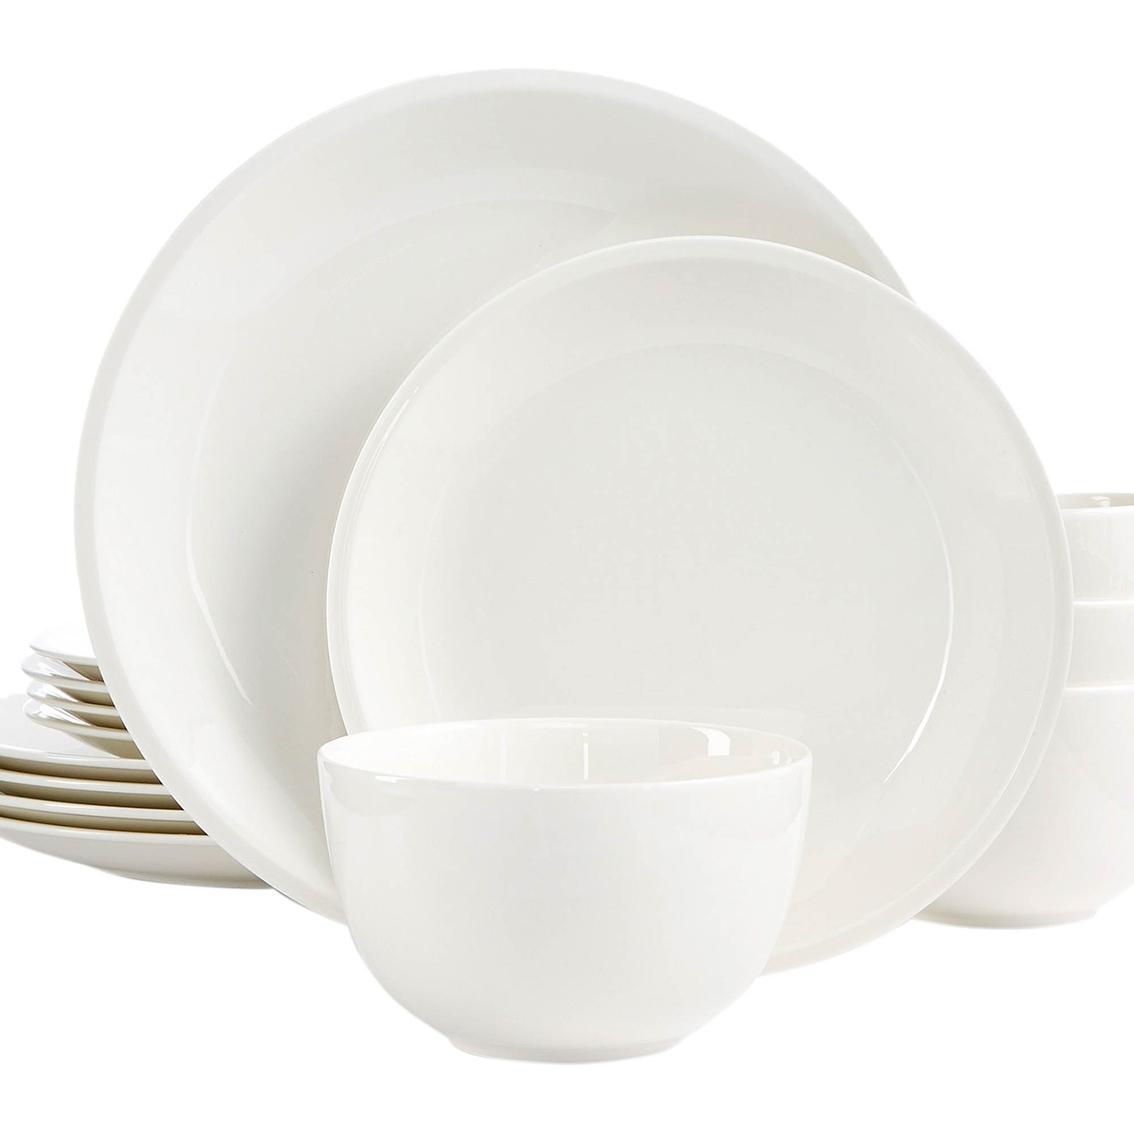 Martha Stewart Collection 12 Pc. Mercer Coupe Dinnerware Set  sc 1 st  ShopMyExchange.com & Martha Stewart Collection 12 Pc. Mercer Coupe Dinnerware Set ...